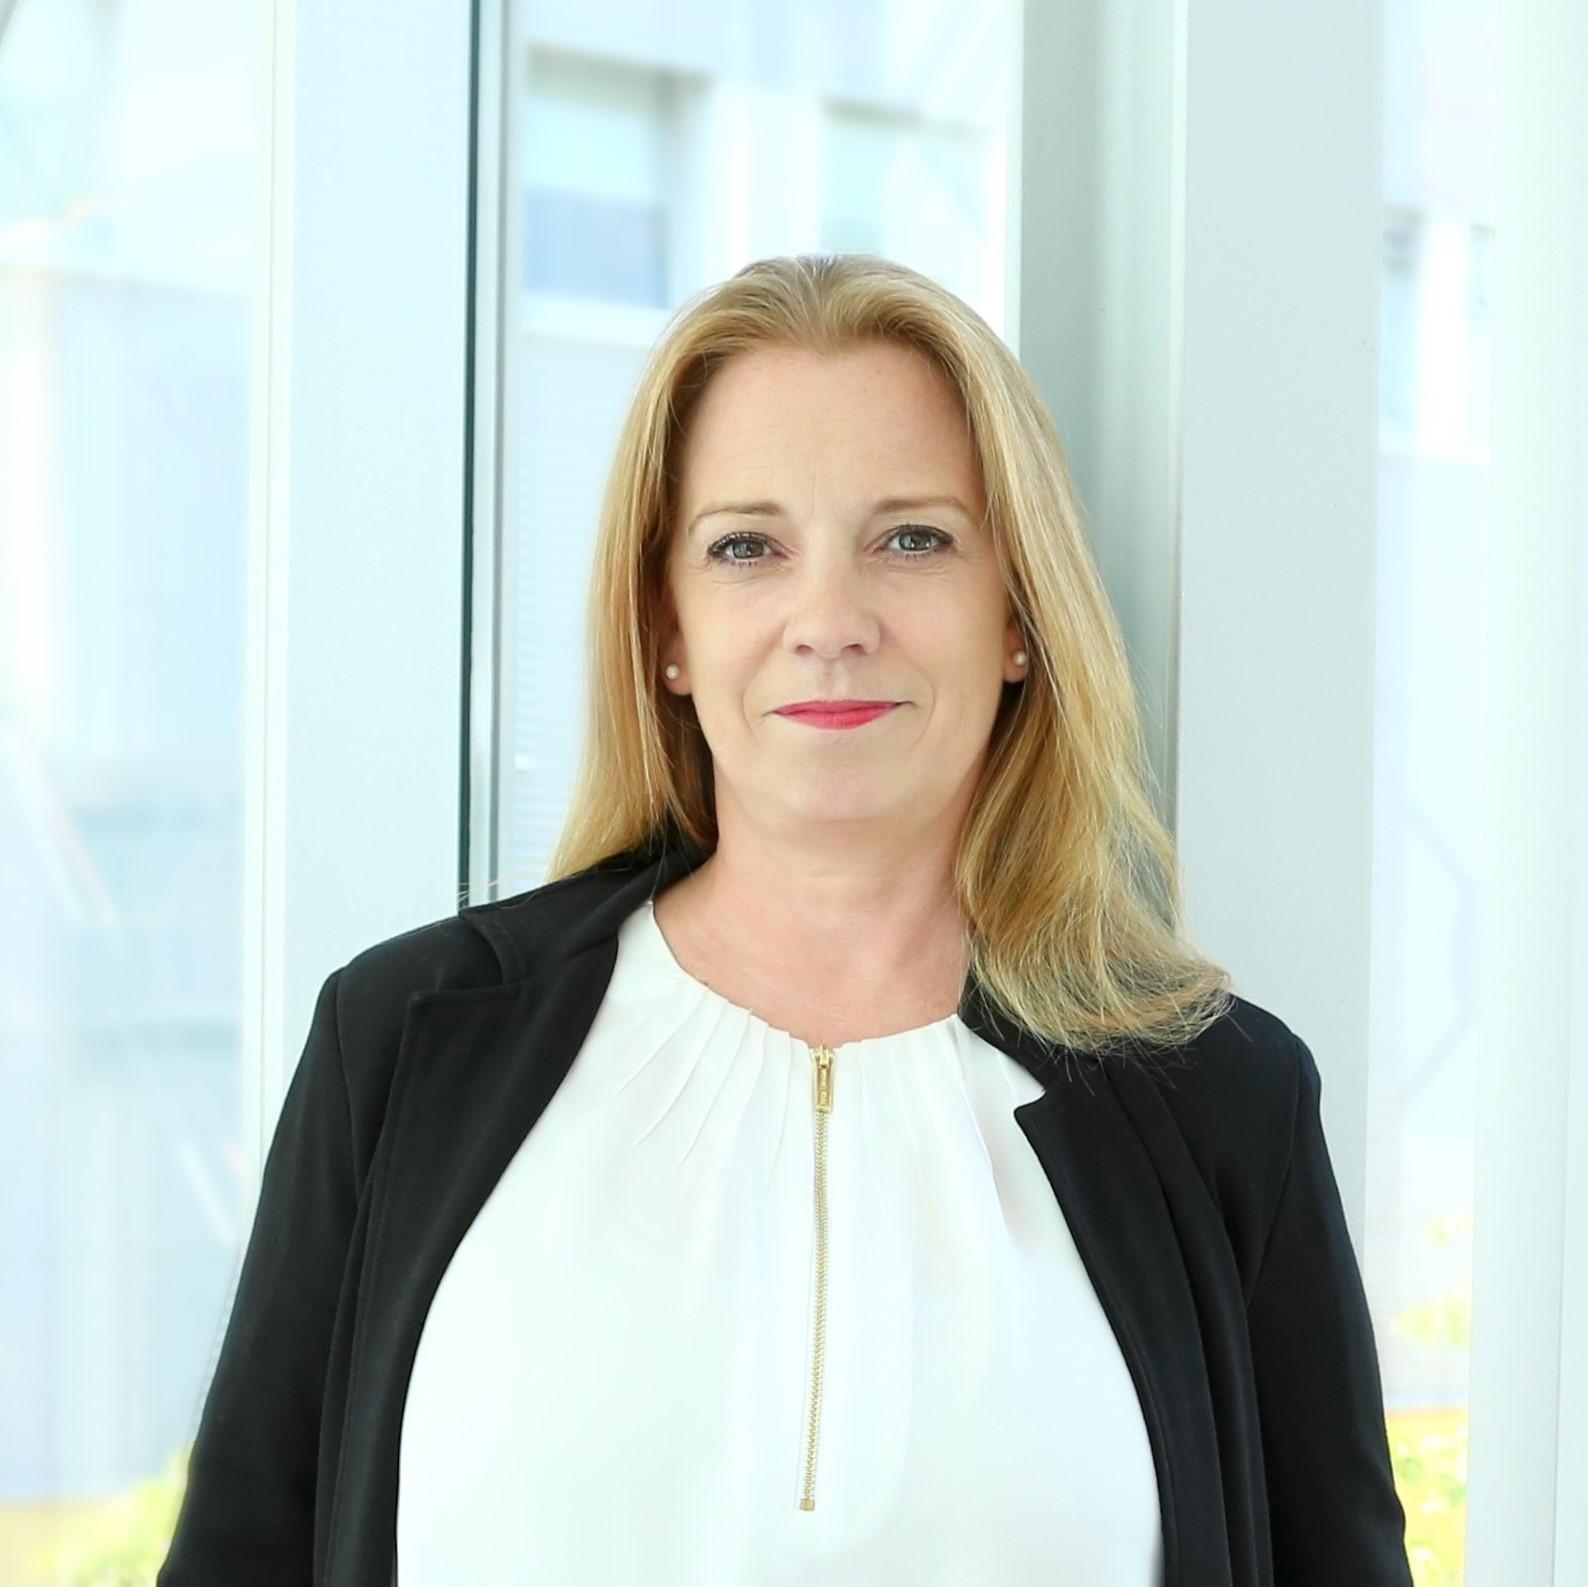 Jeanette Lenski